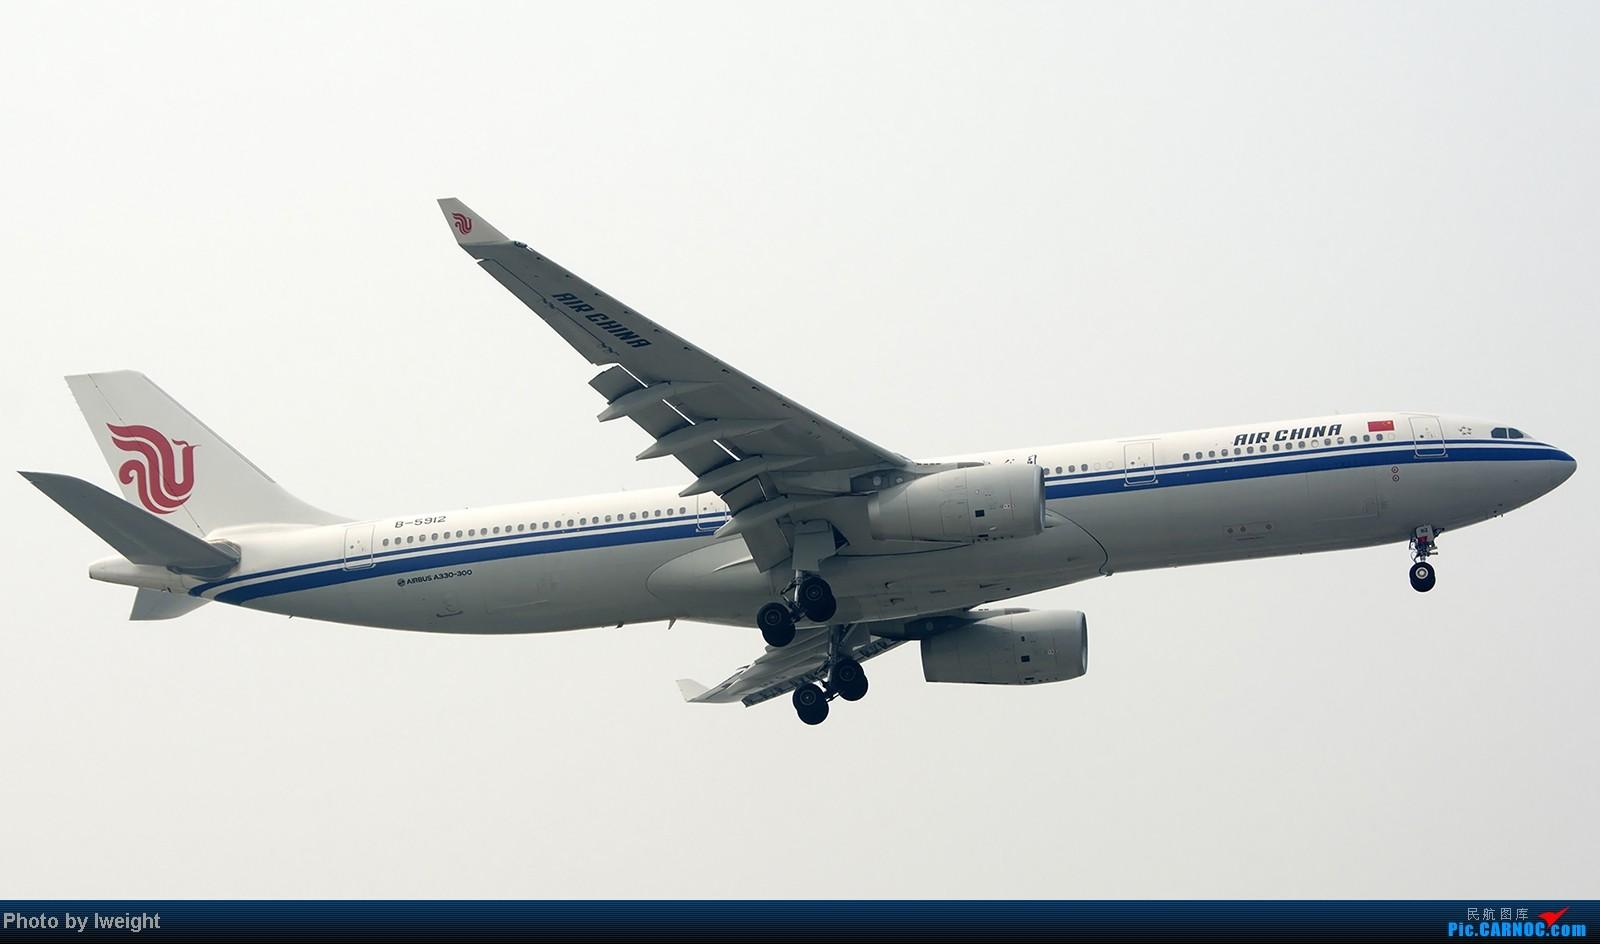 Re:[原创]9月7日帝都的烂天里乱拍一通 AIRBUS A330-300 B-5912 中国北京首都机场